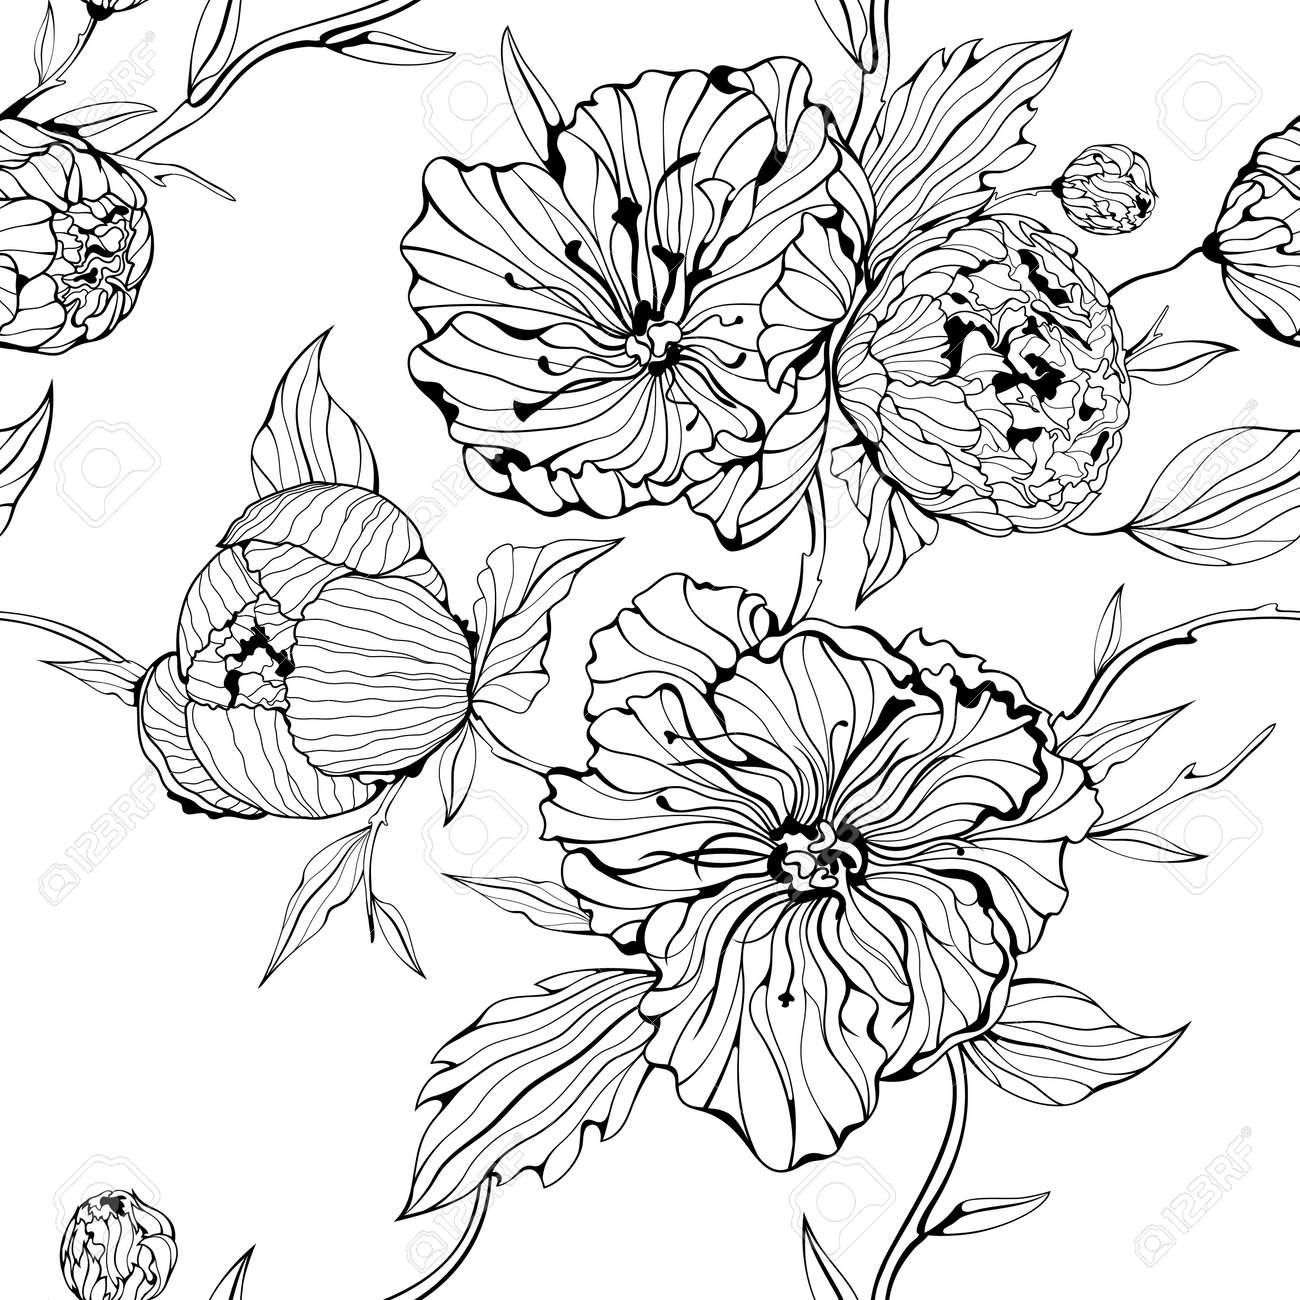 Нарисованные цветы черно-белые